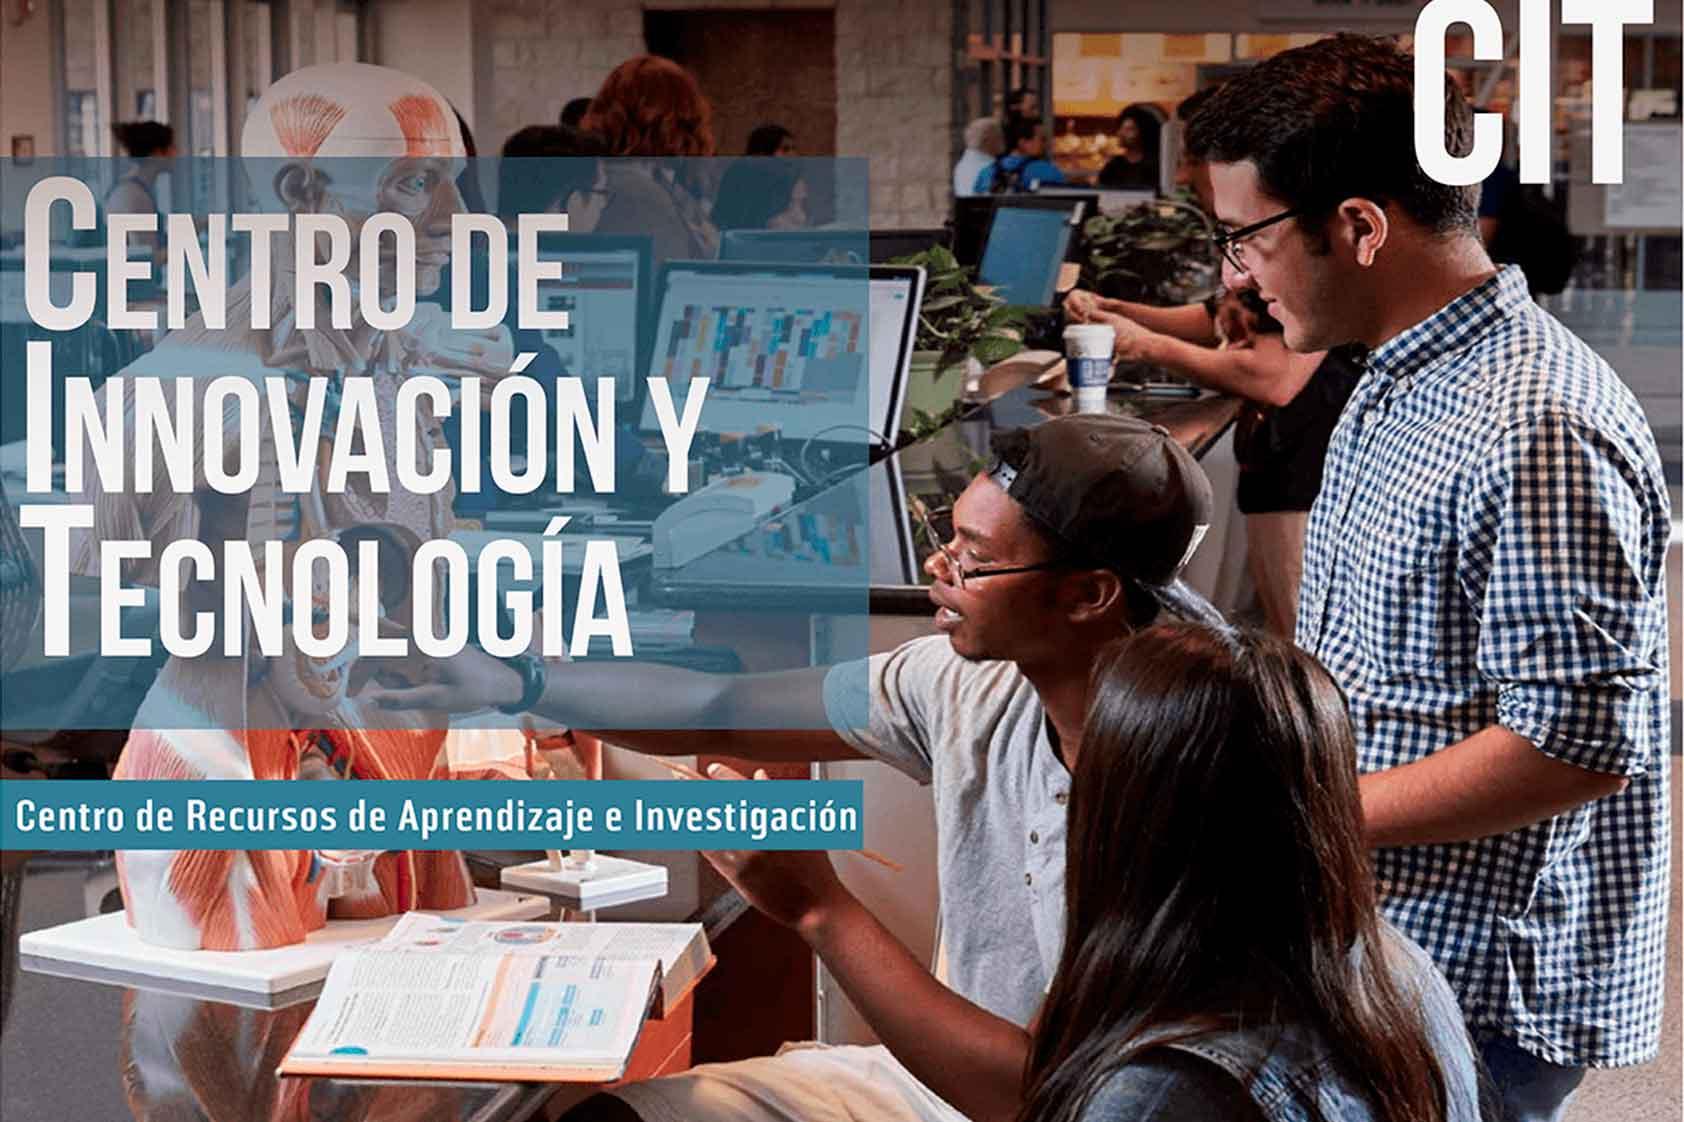 ¿Que será el Centro de recursos de aprendizaje e investigación del CIT?